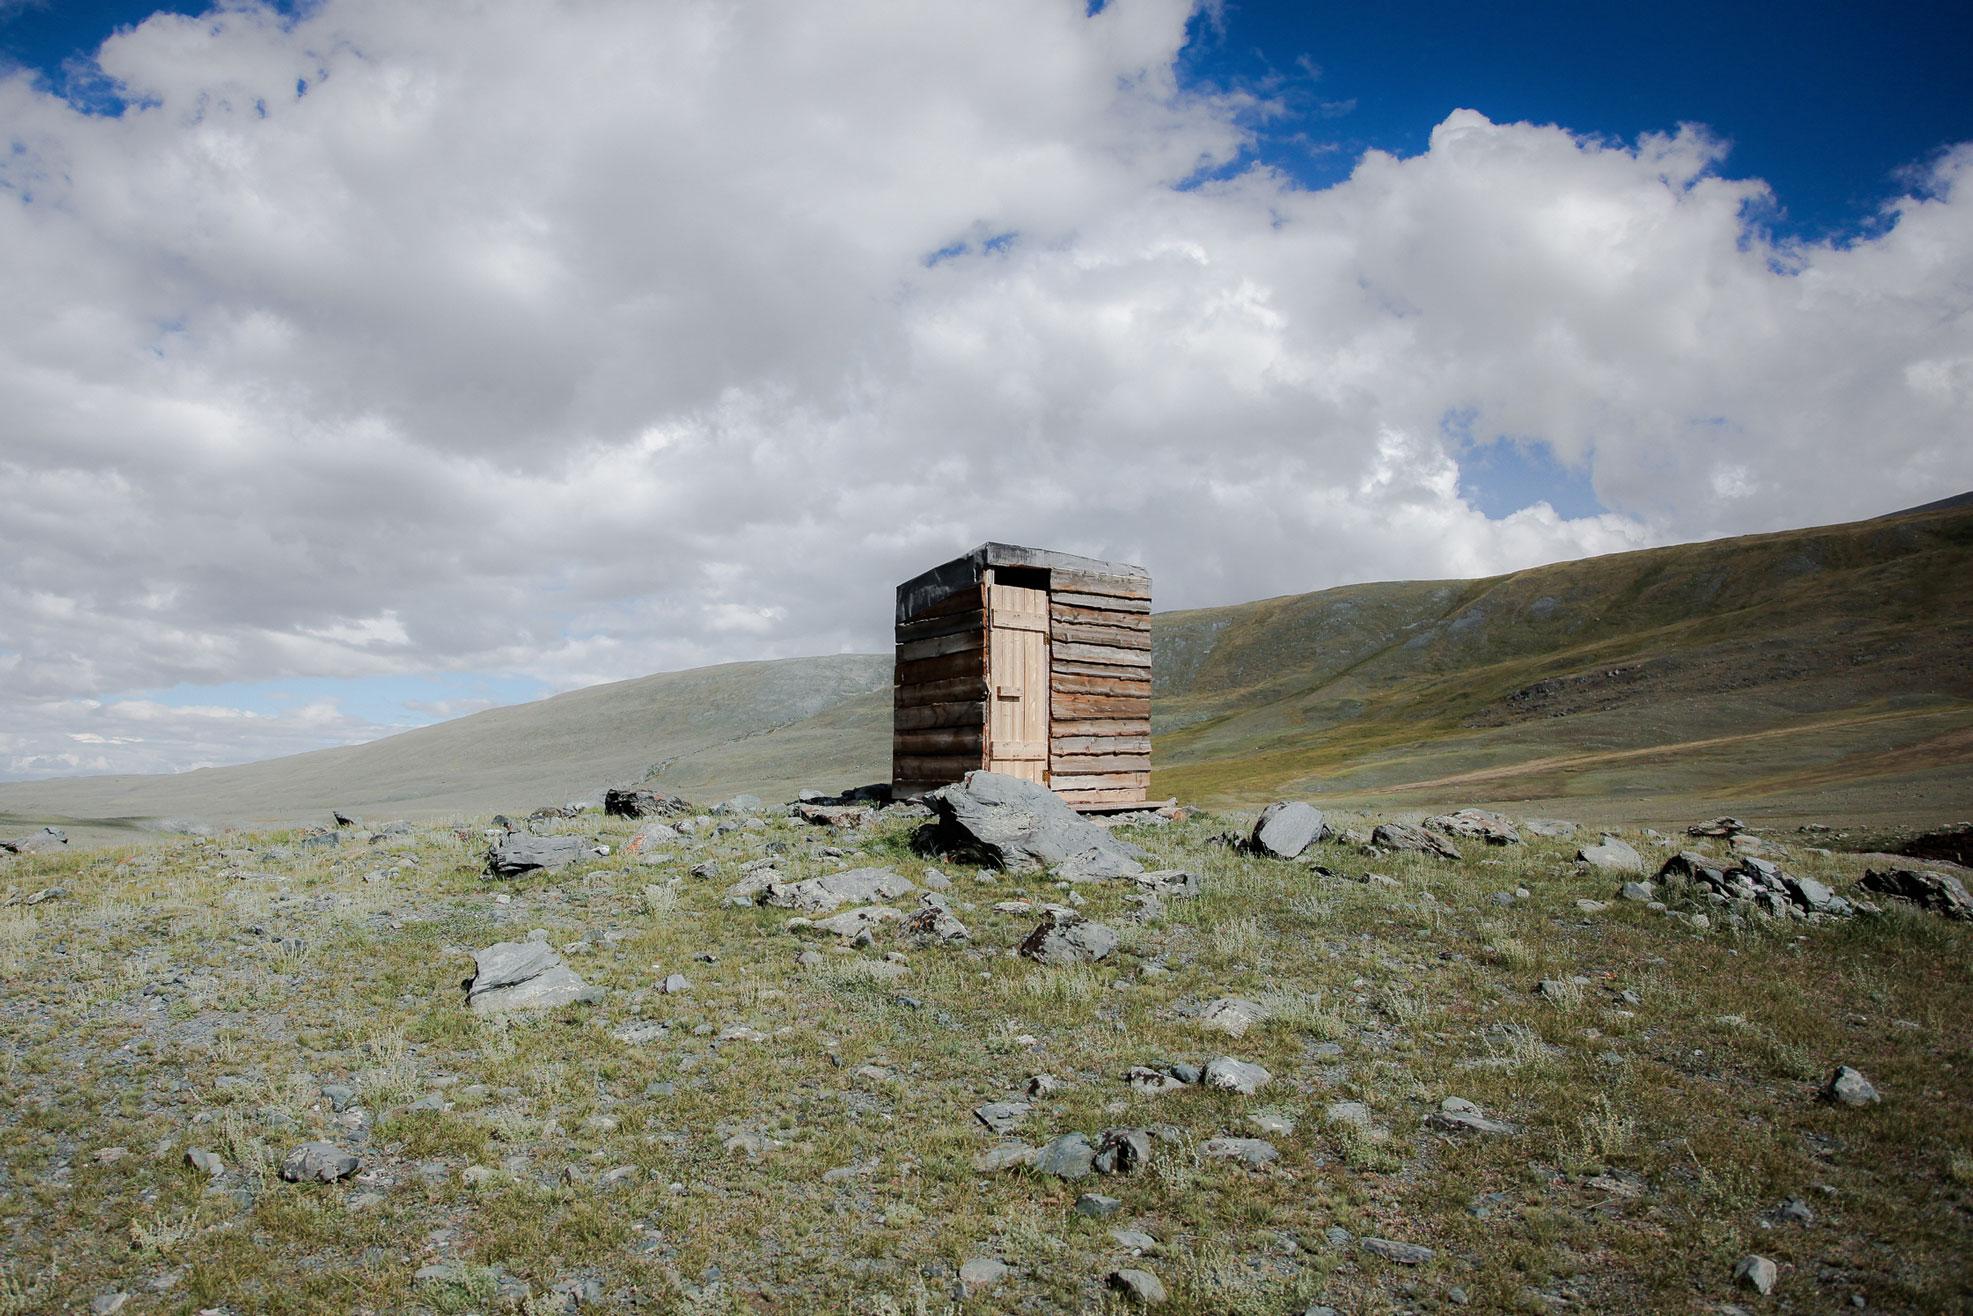 Toilet, Republic of Altai